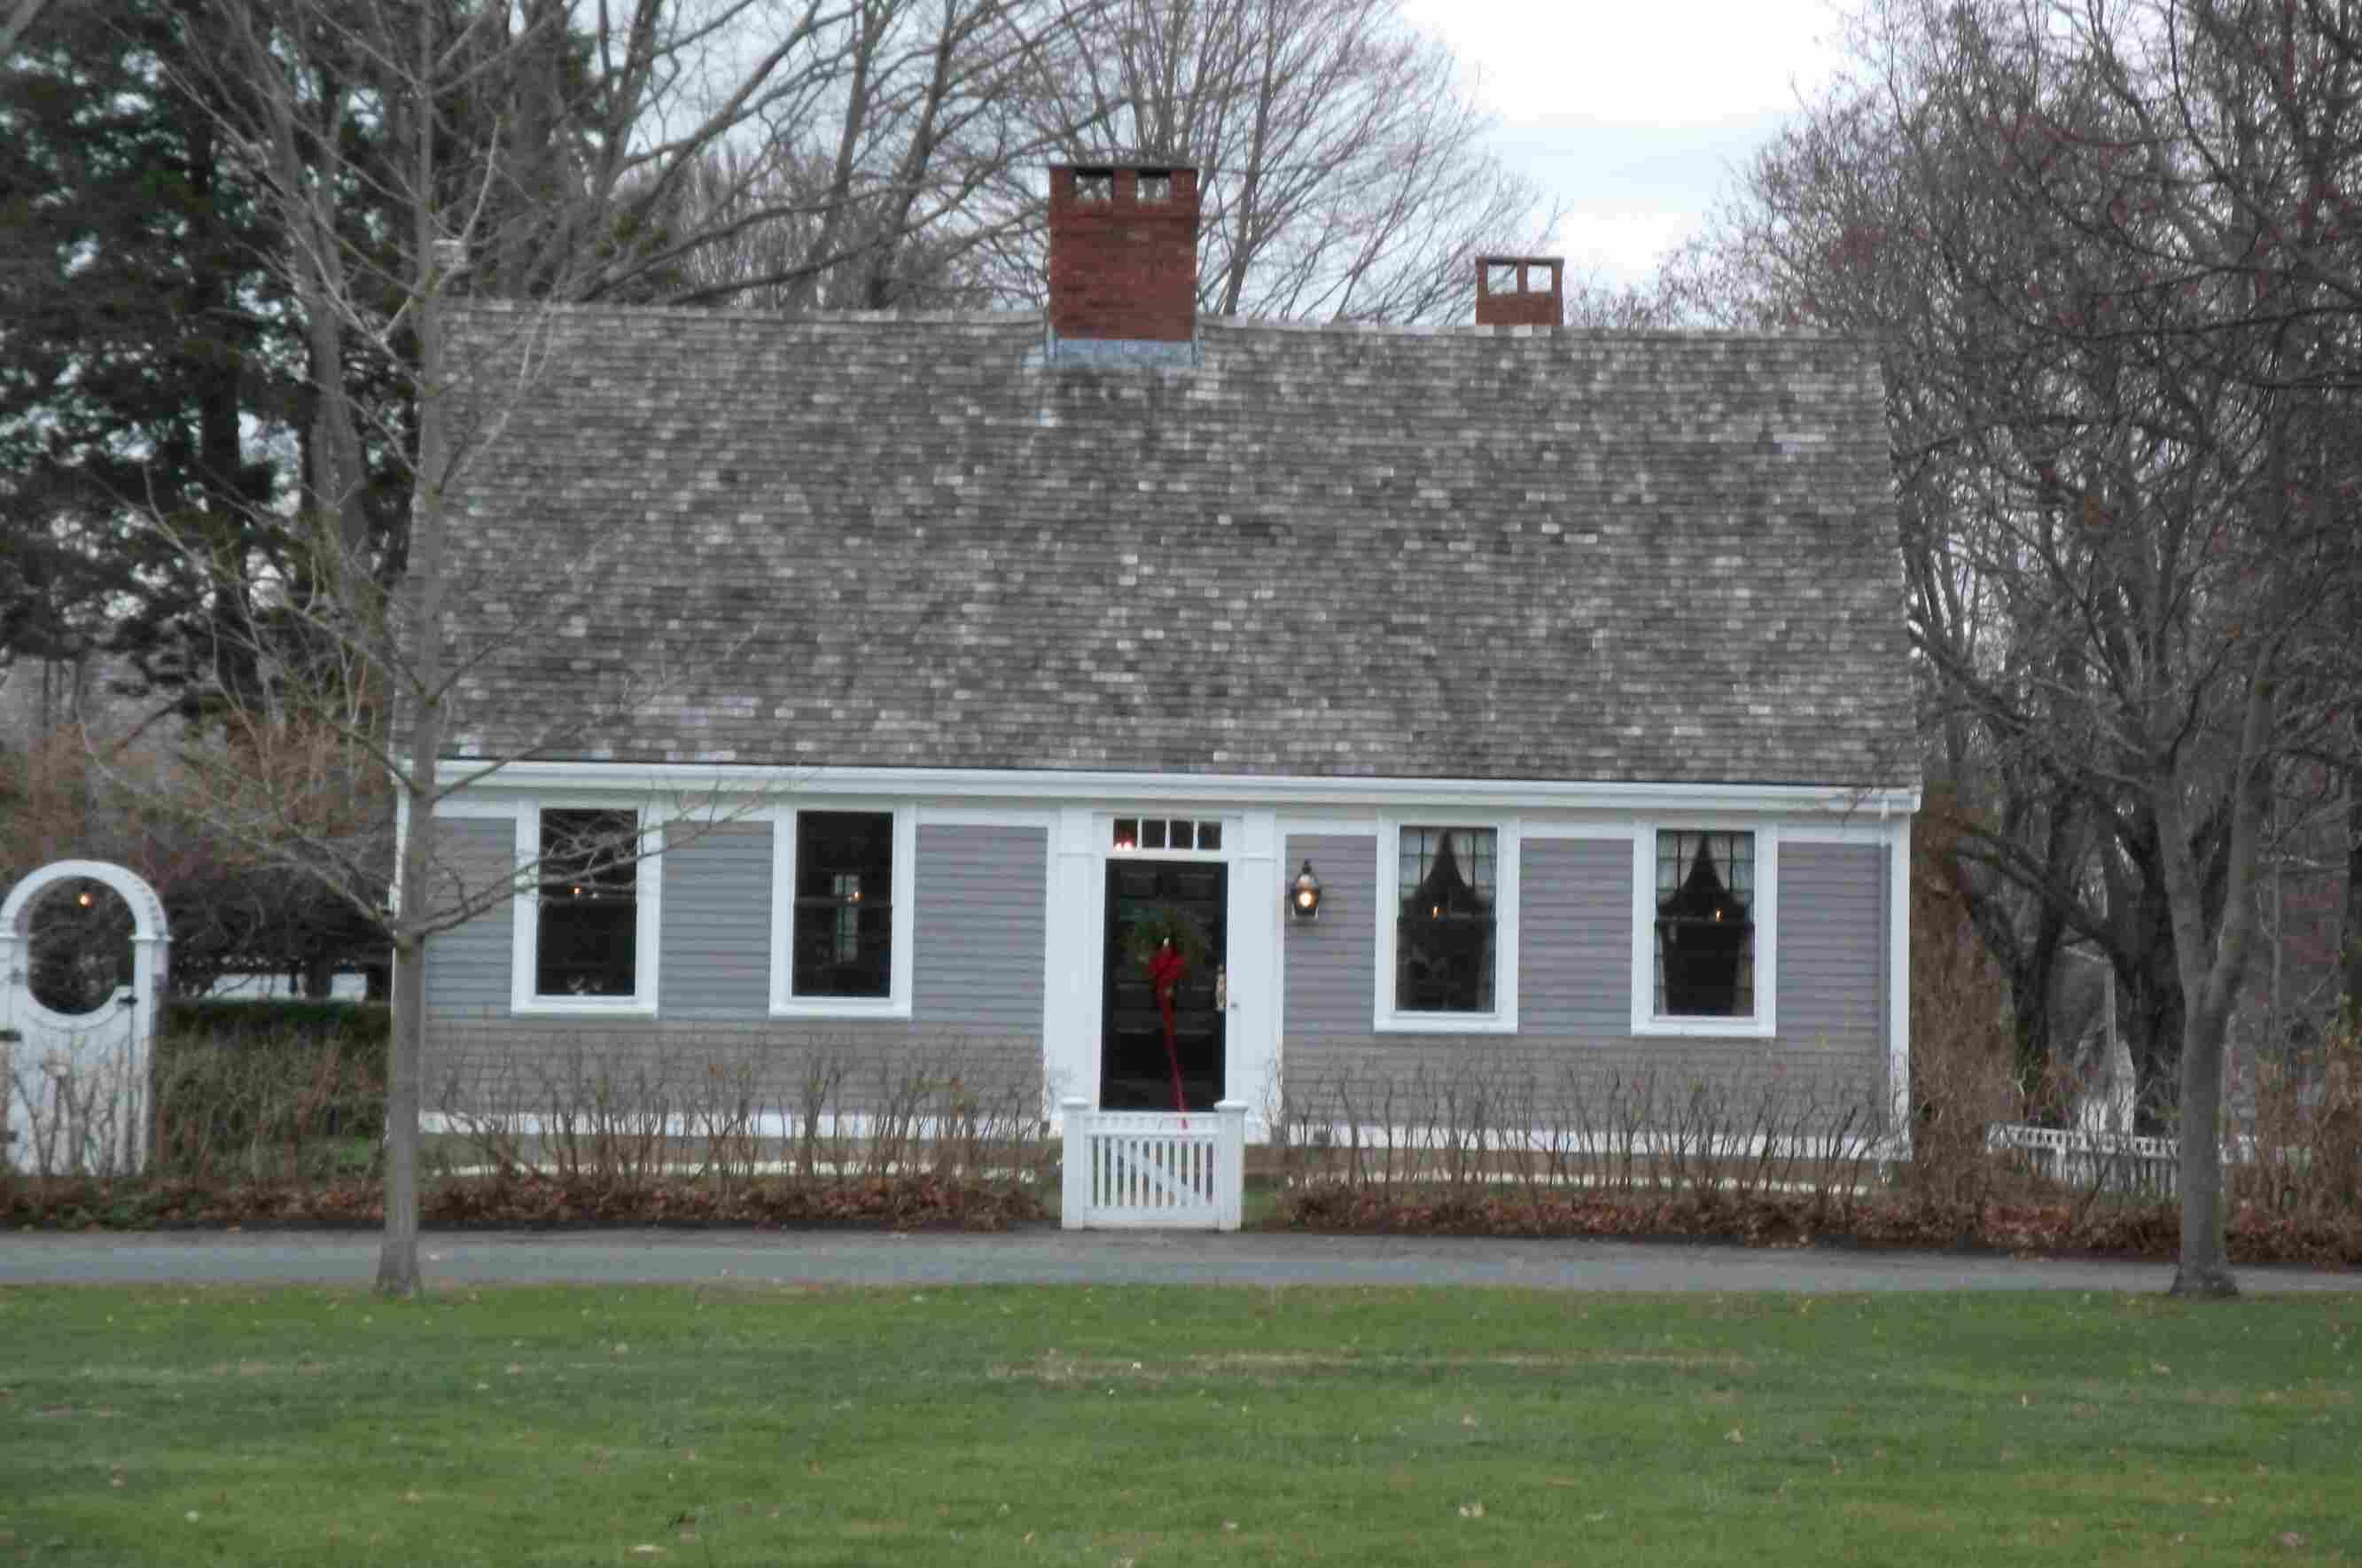 petite maison, toit en pente raide sur la façade, la cheminée centrale, porte centre, deux fenêtres de chaque côté de la porte près de l'avant-toit, garniture blanc et gris clair bardage